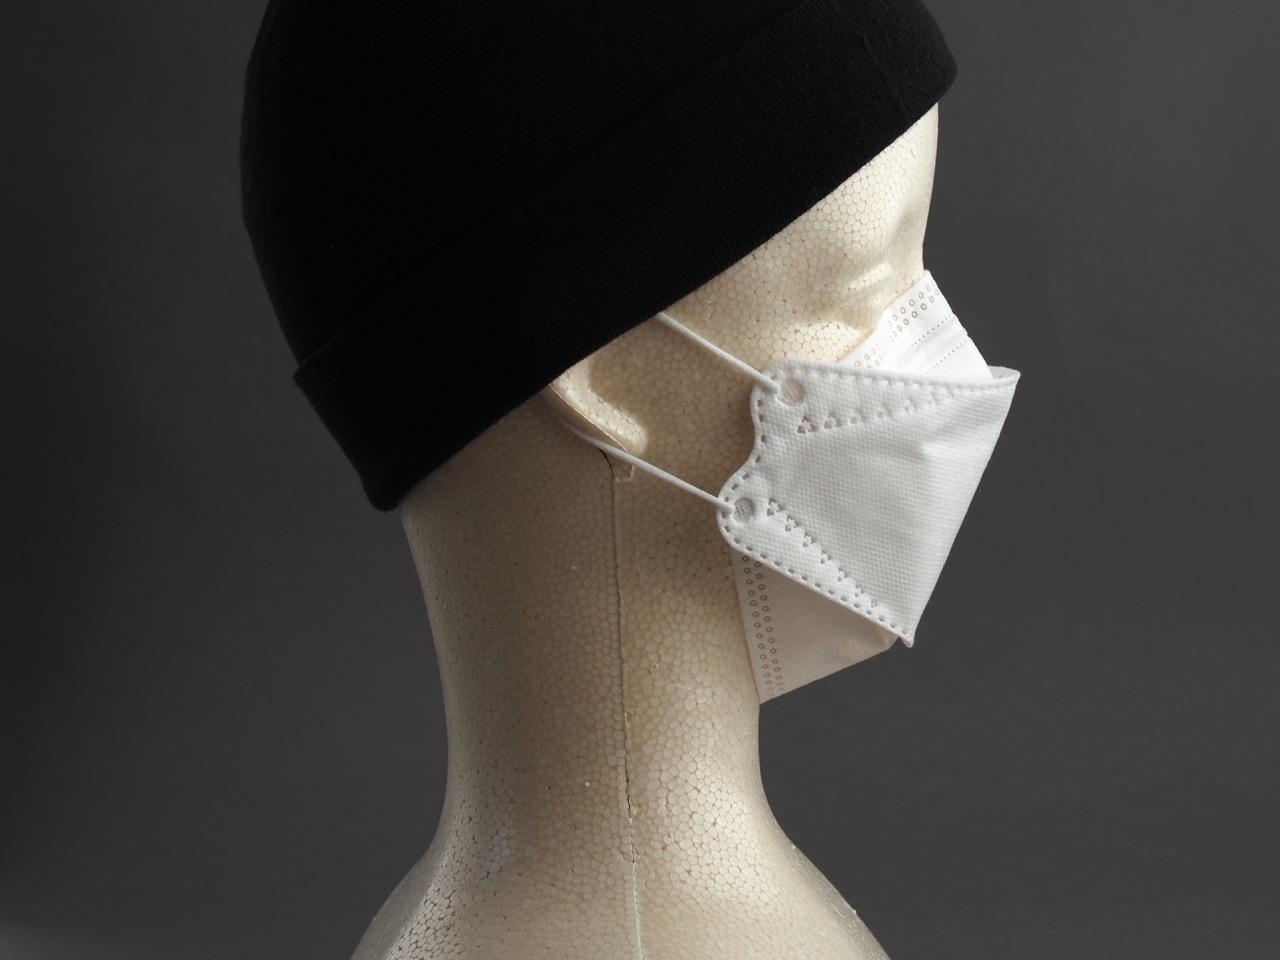 シニア用コロナ対策③楽息マスク